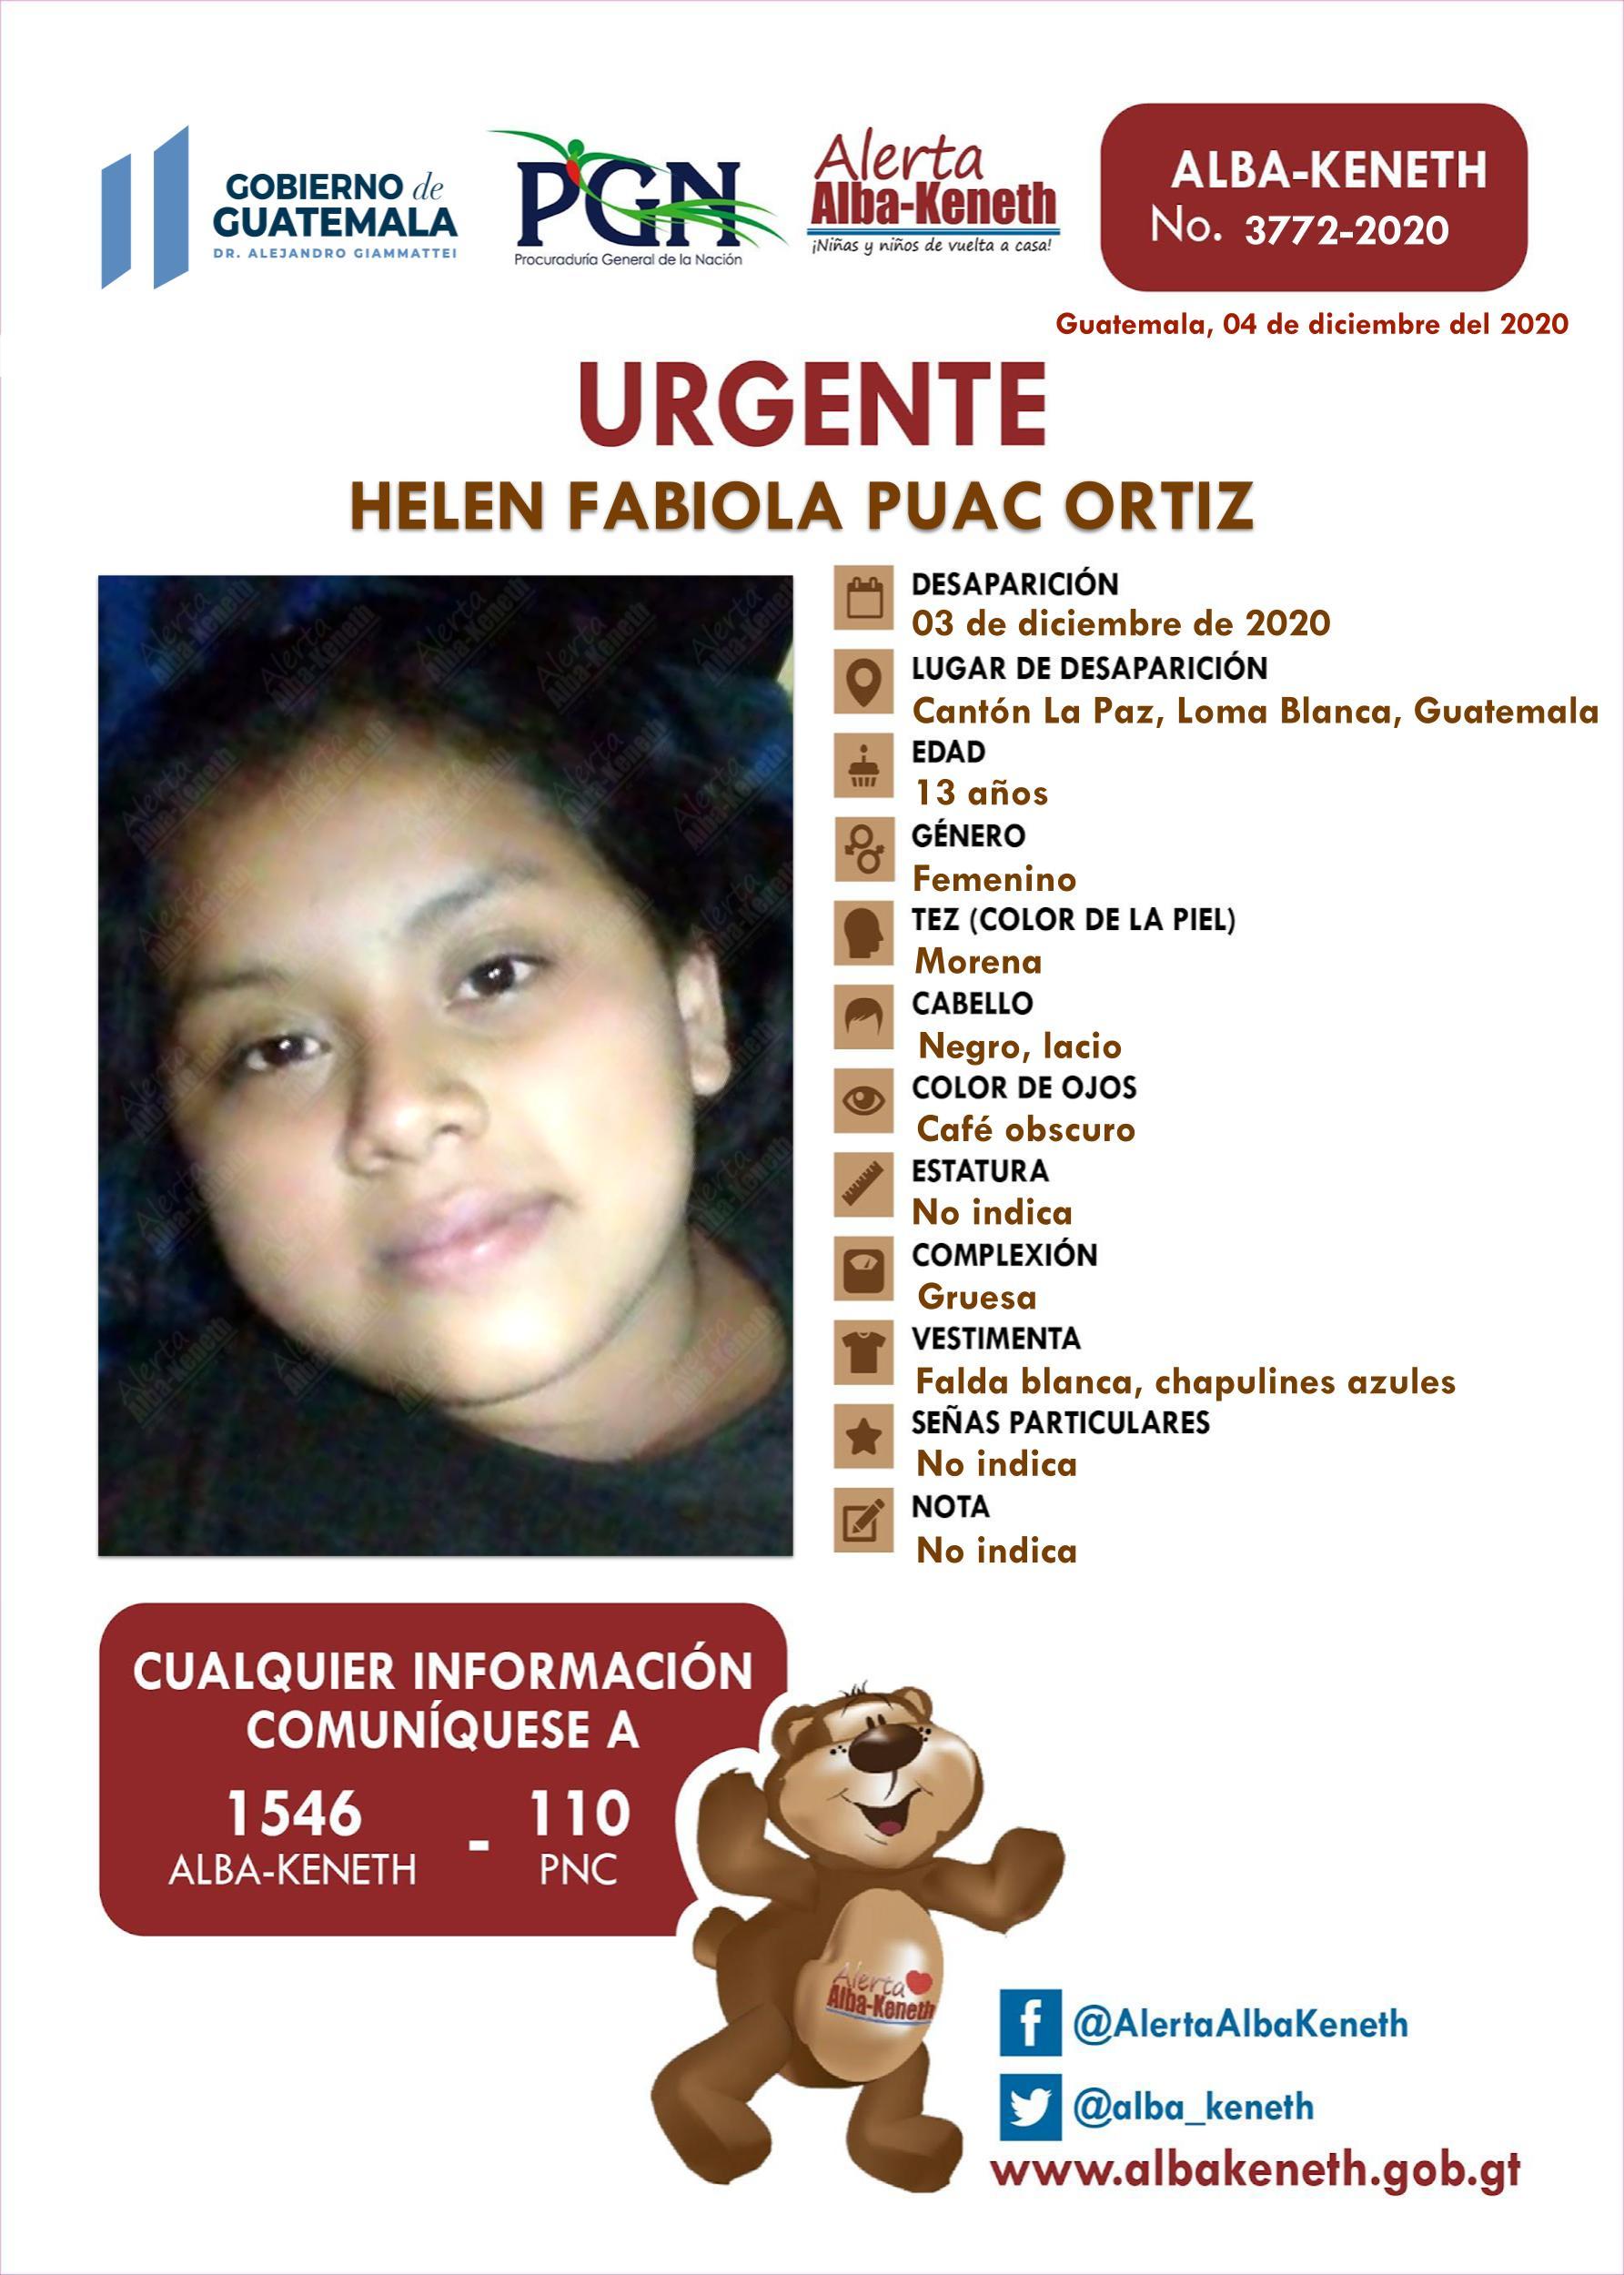 Helen Fabiola Puac Ortiz